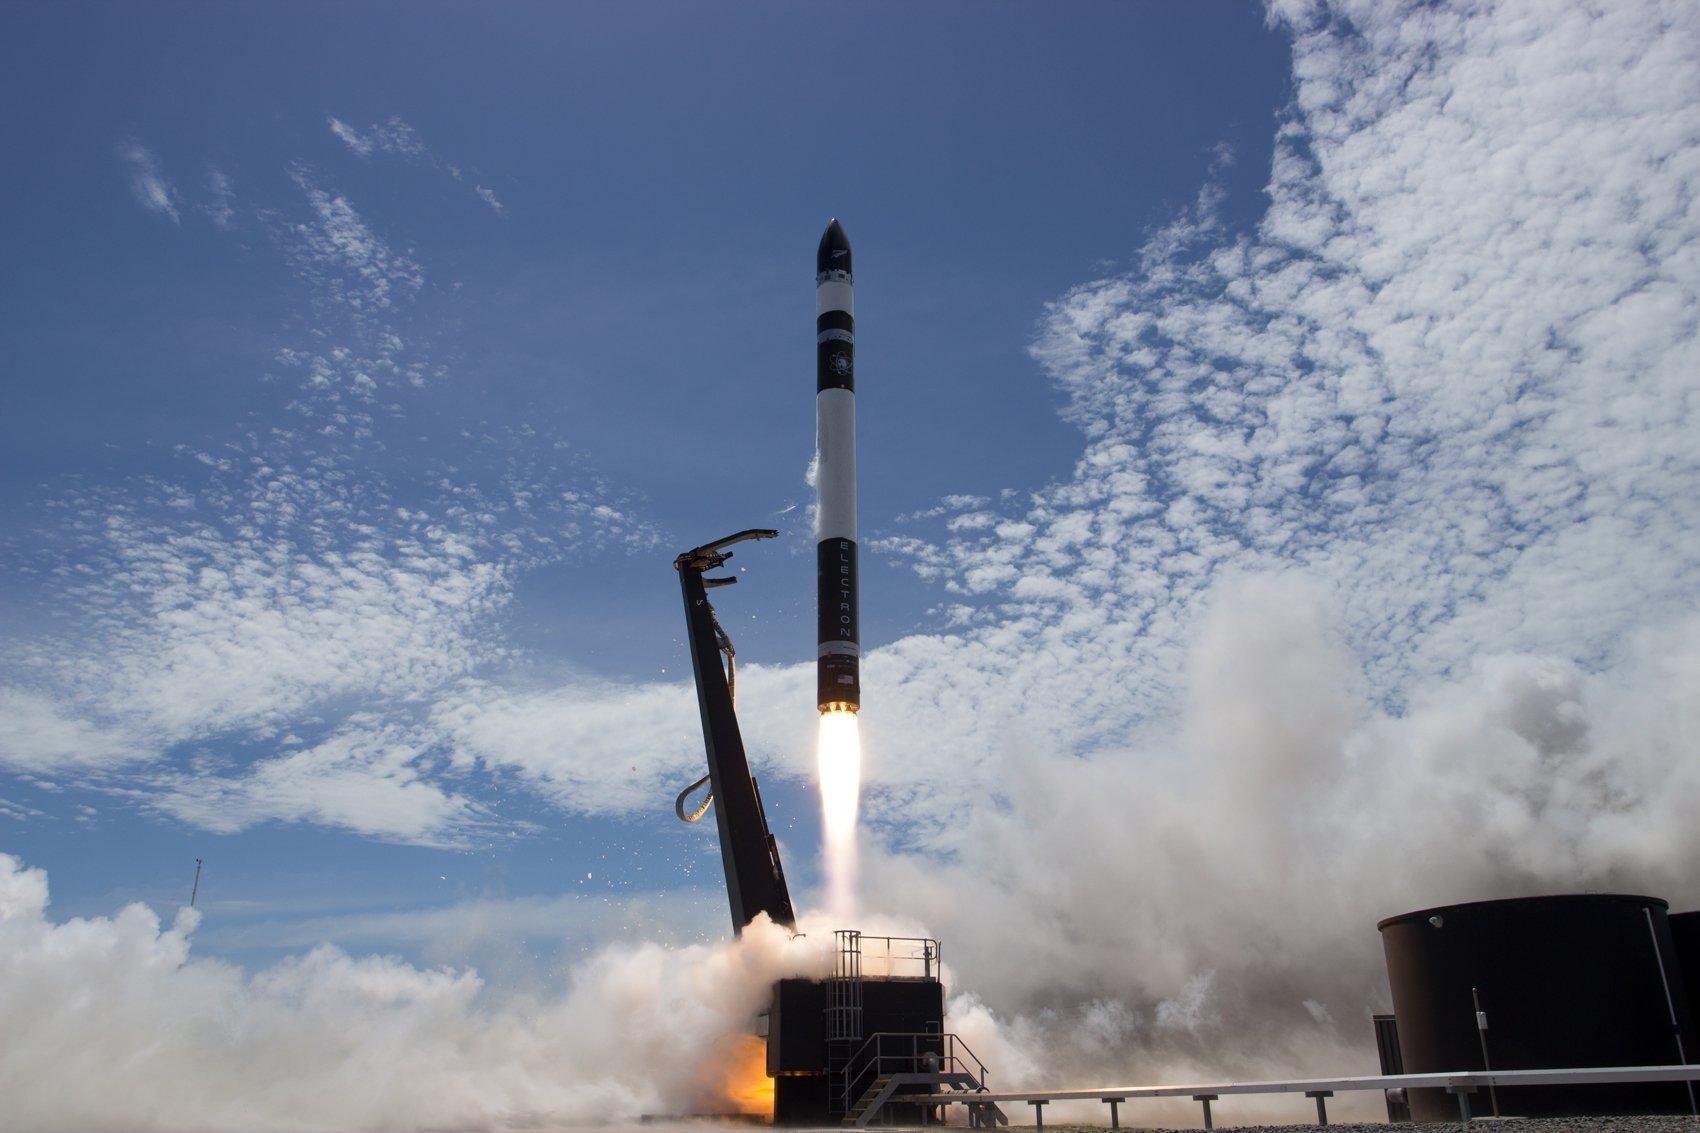 Eine Electron-Rakete startet von der Mahia-Halbinsel im Norden Neuseelands.